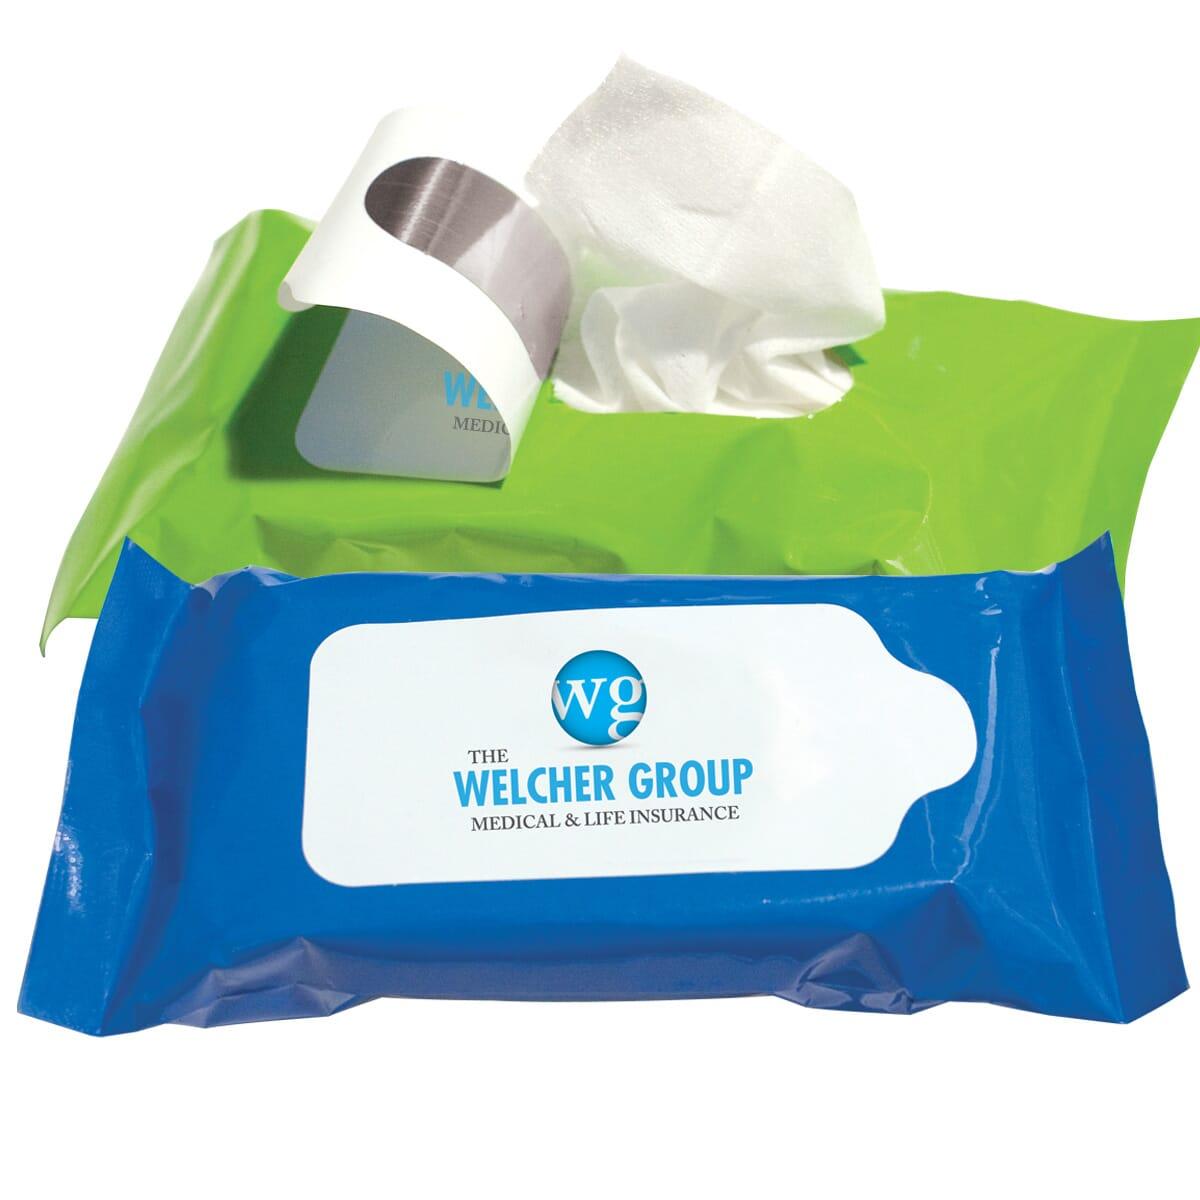 Travel antibacterial wipes packages